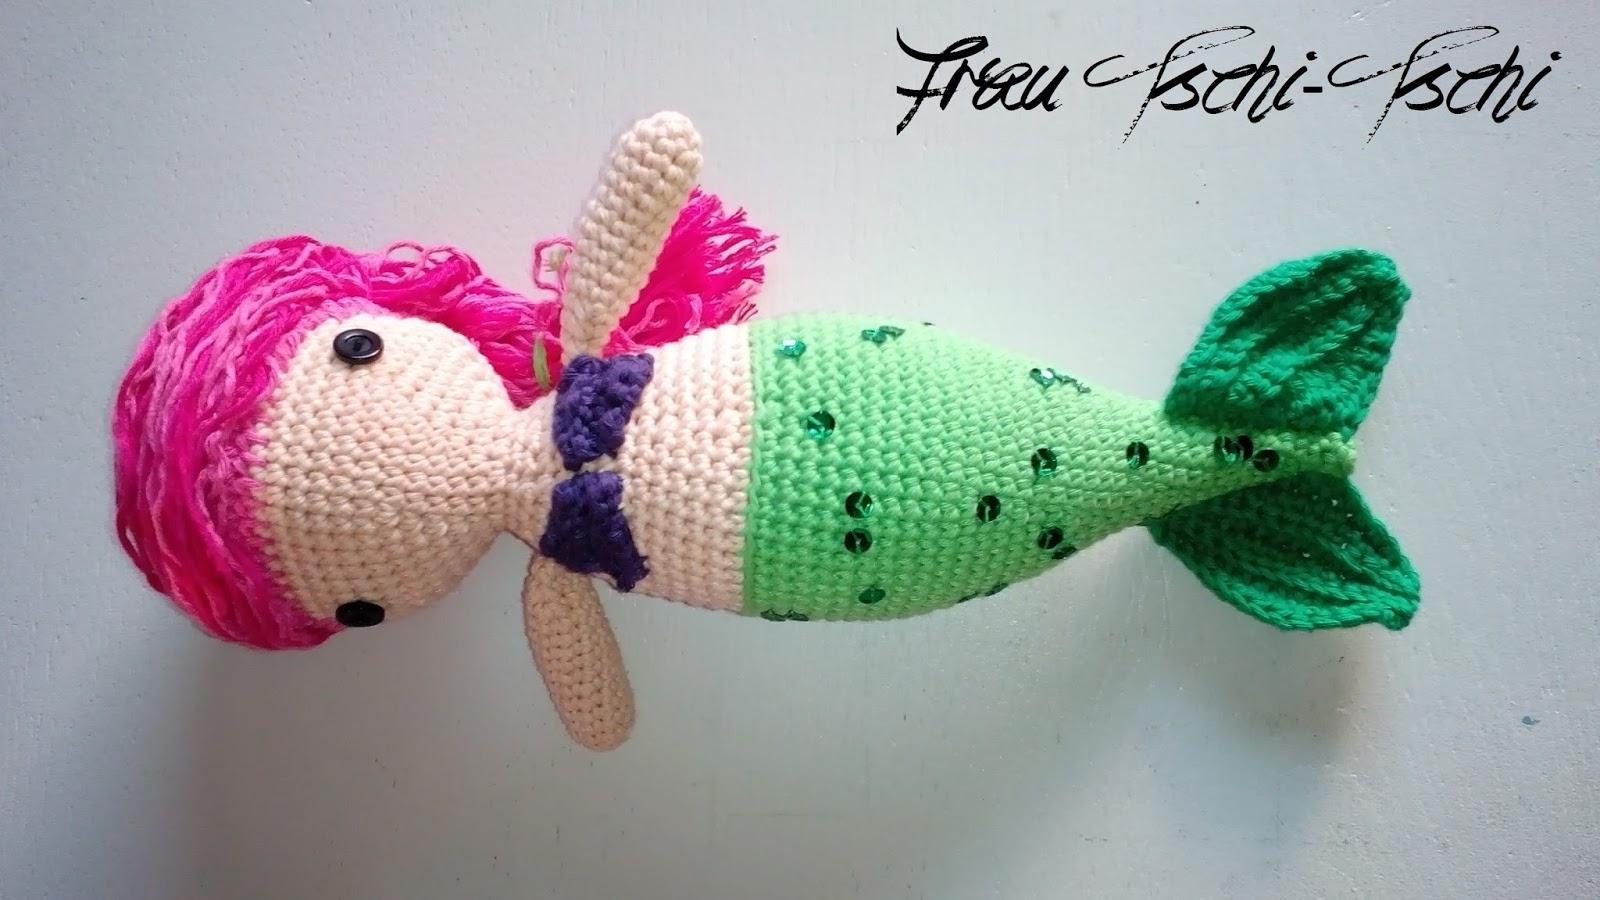 Frau Tschi Tschi Mermaid Meerjungfrau Nixe